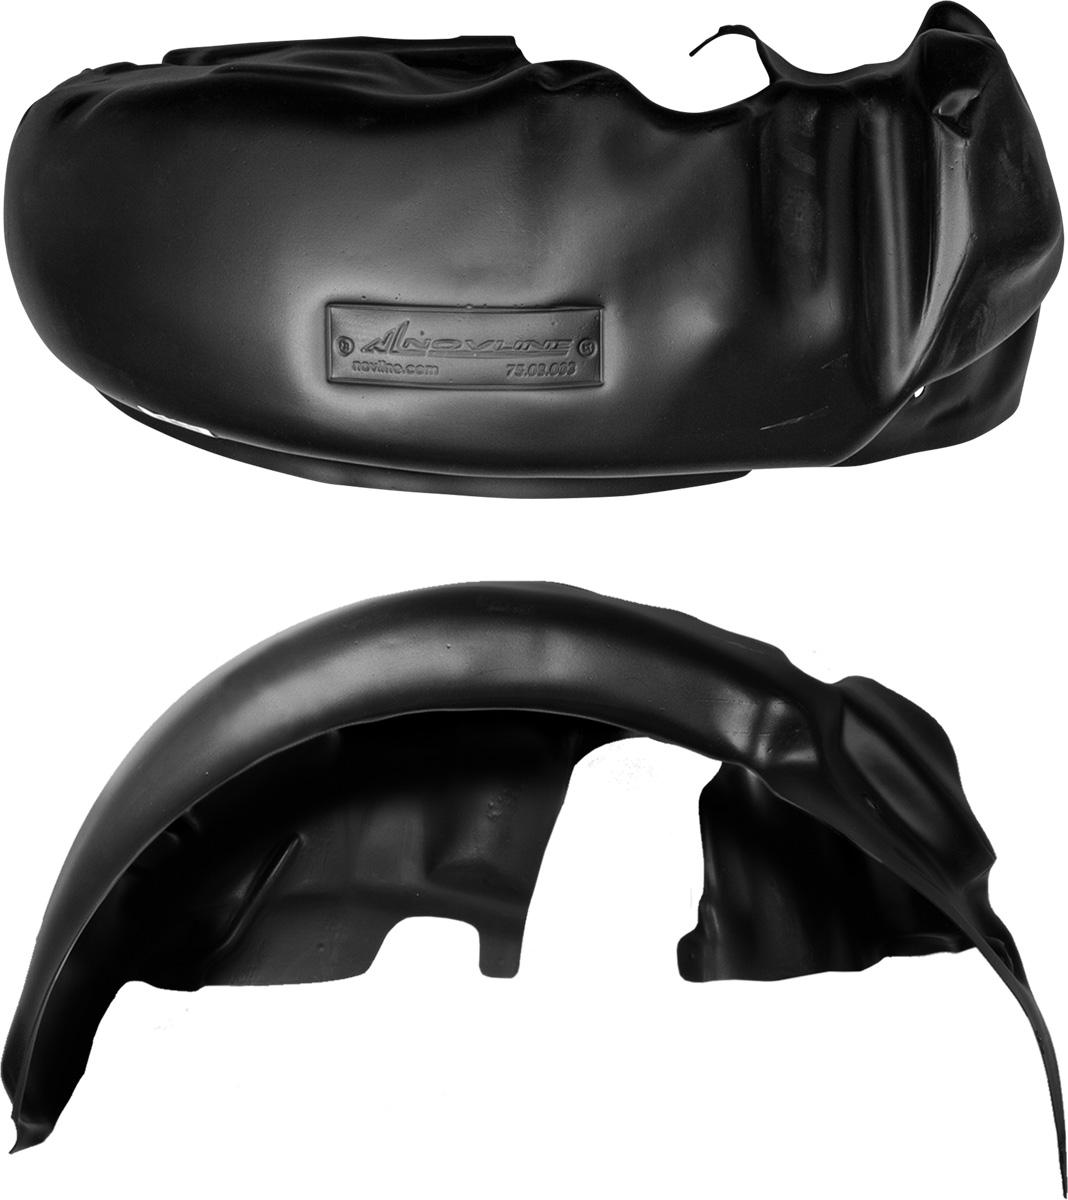 Подкрылок RENAULT Duster 4x2, 2011-2015, задний правыйNLL.41.30.004Колесные ниши – одни из самых уязвимых зон днища вашего автомобиля. Они постоянно подвергаются воздействию со стороны дороги. Лучшая, почти абсолютная защита для них - специально отформованные пластиковые кожухи, которые называются подкрылками, или локерами. Производятся они как для отечественных моделей автомобилей, так и для иномарок. Подкрылки выполнены из высококачественного, экологически чистого пластика. Обеспечивают надежную защиту кузова автомобиля от пескоструйного эффекта и негативного влияния, агрессивных антигололедных реагентов. Пластик обладает более низкой теплопроводностью, чем металл, поэтому в зимний период эксплуатации использование пластиковых подкрылков позволяет лучше защитить колесные ниши от налипания снега и образования наледи. Оригинальность конструкции подчеркивает элегантность автомобиля, бережно защищает нанесенное на днище кузова антикоррозийное покрытие и позволяет осуществить крепление подкрылков внутри колесной арки практически без дополнительного...